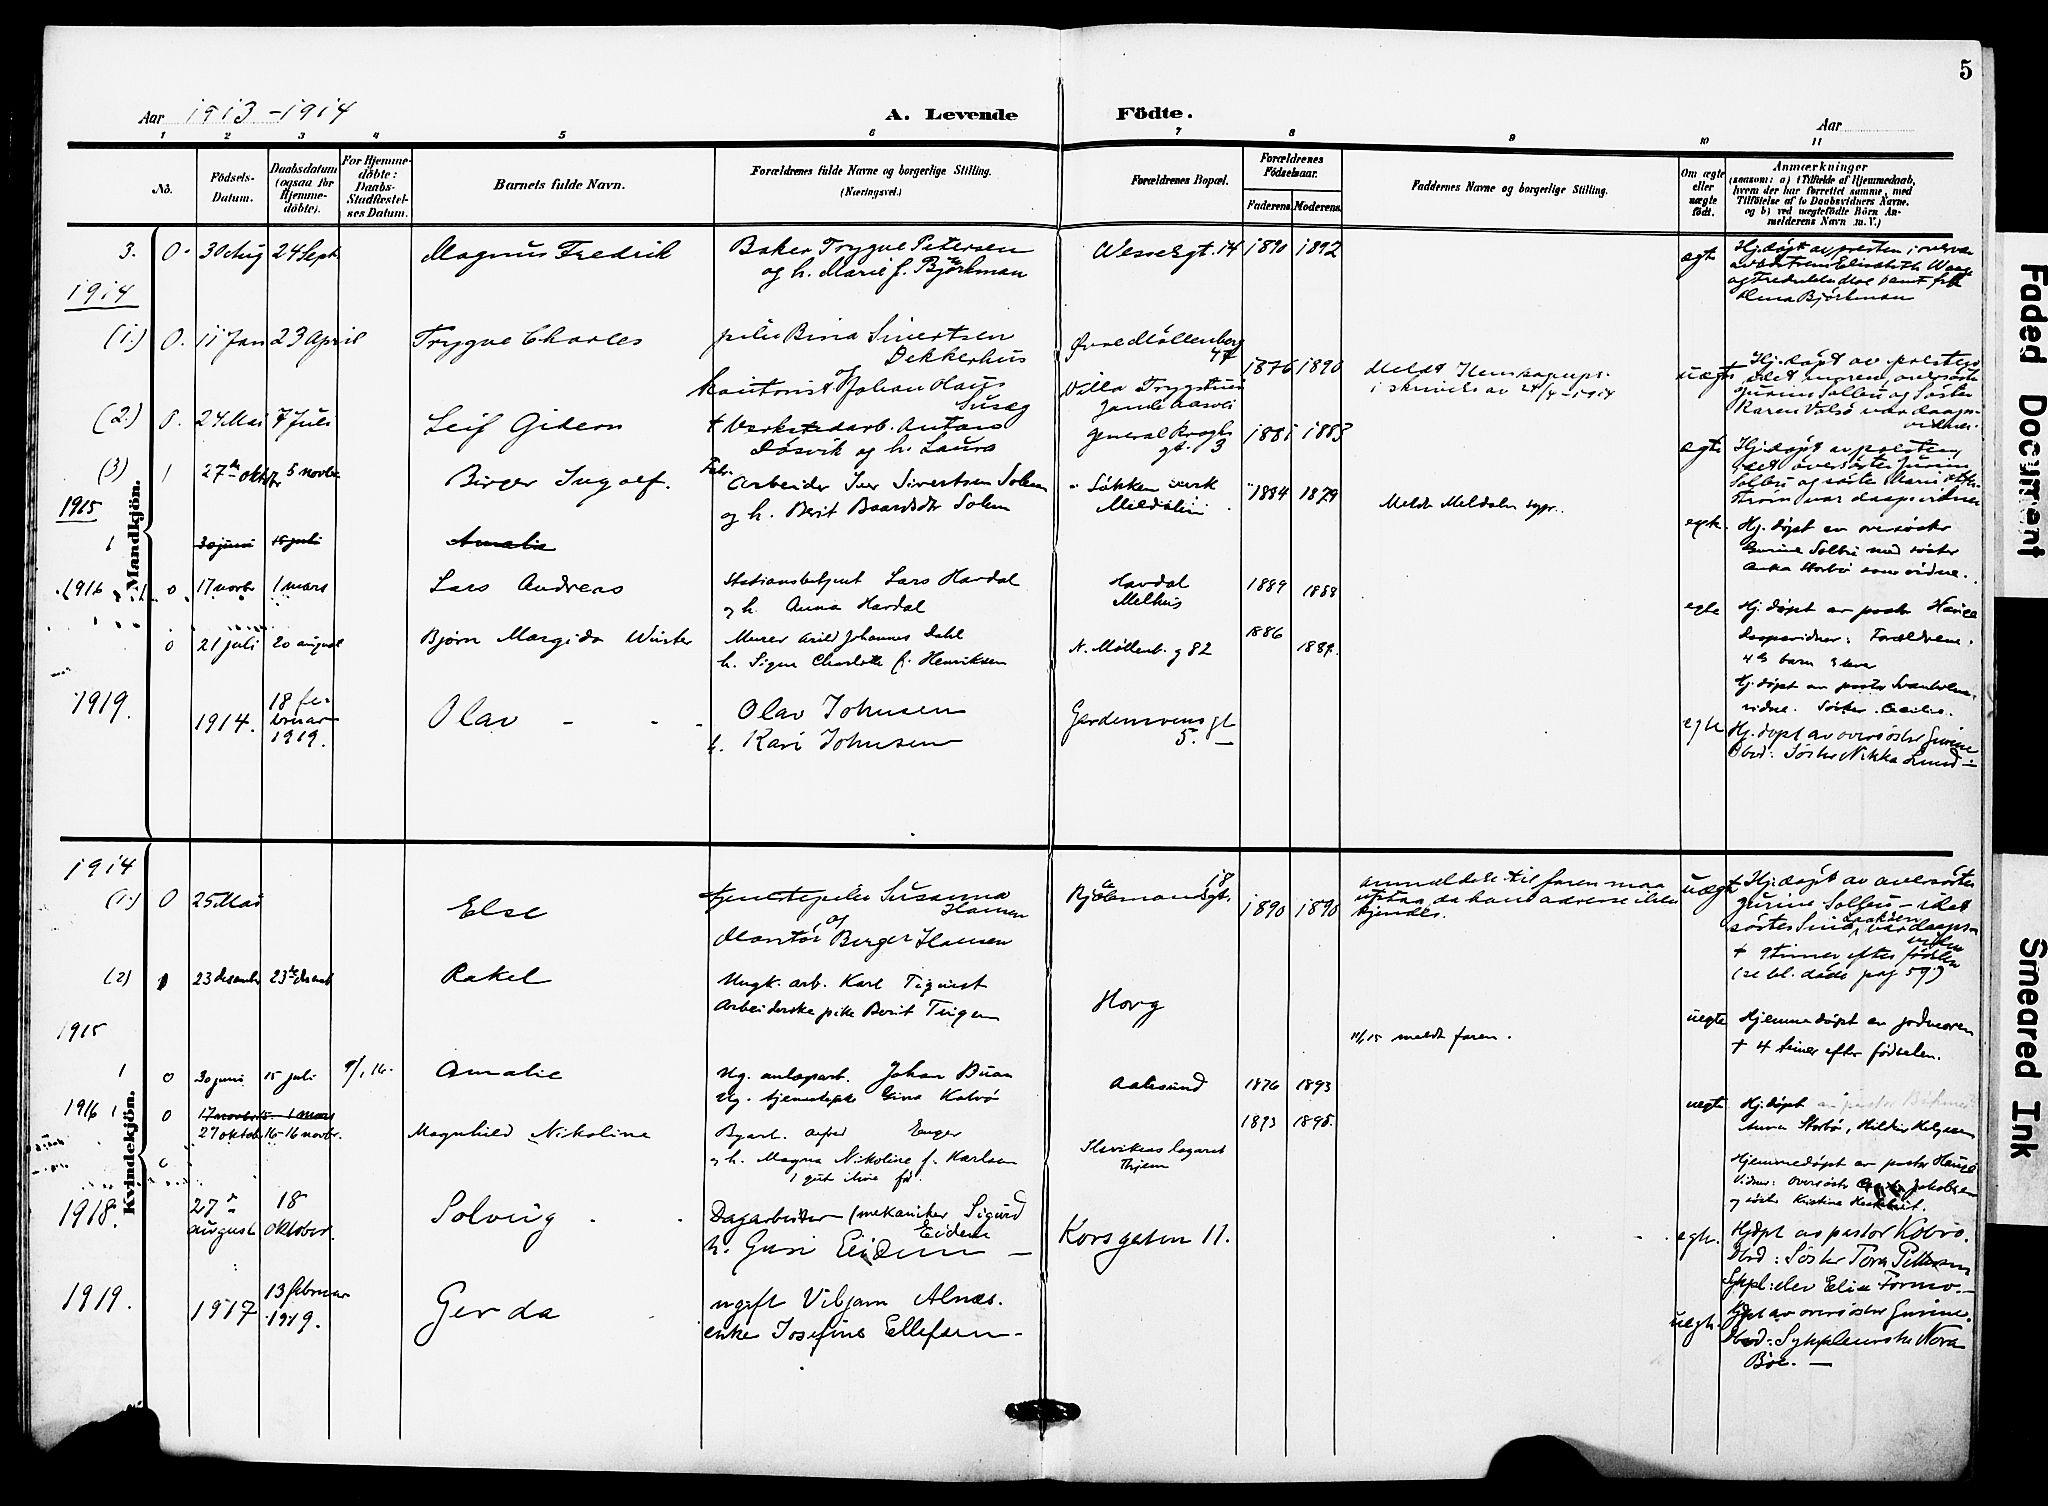 SAT, Ministerialprotokoller, klokkerbøker og fødselsregistre - Sør-Trøndelag, 628/L0483: Ministerialbok nr. 628A01, 1902-1920, s. 5